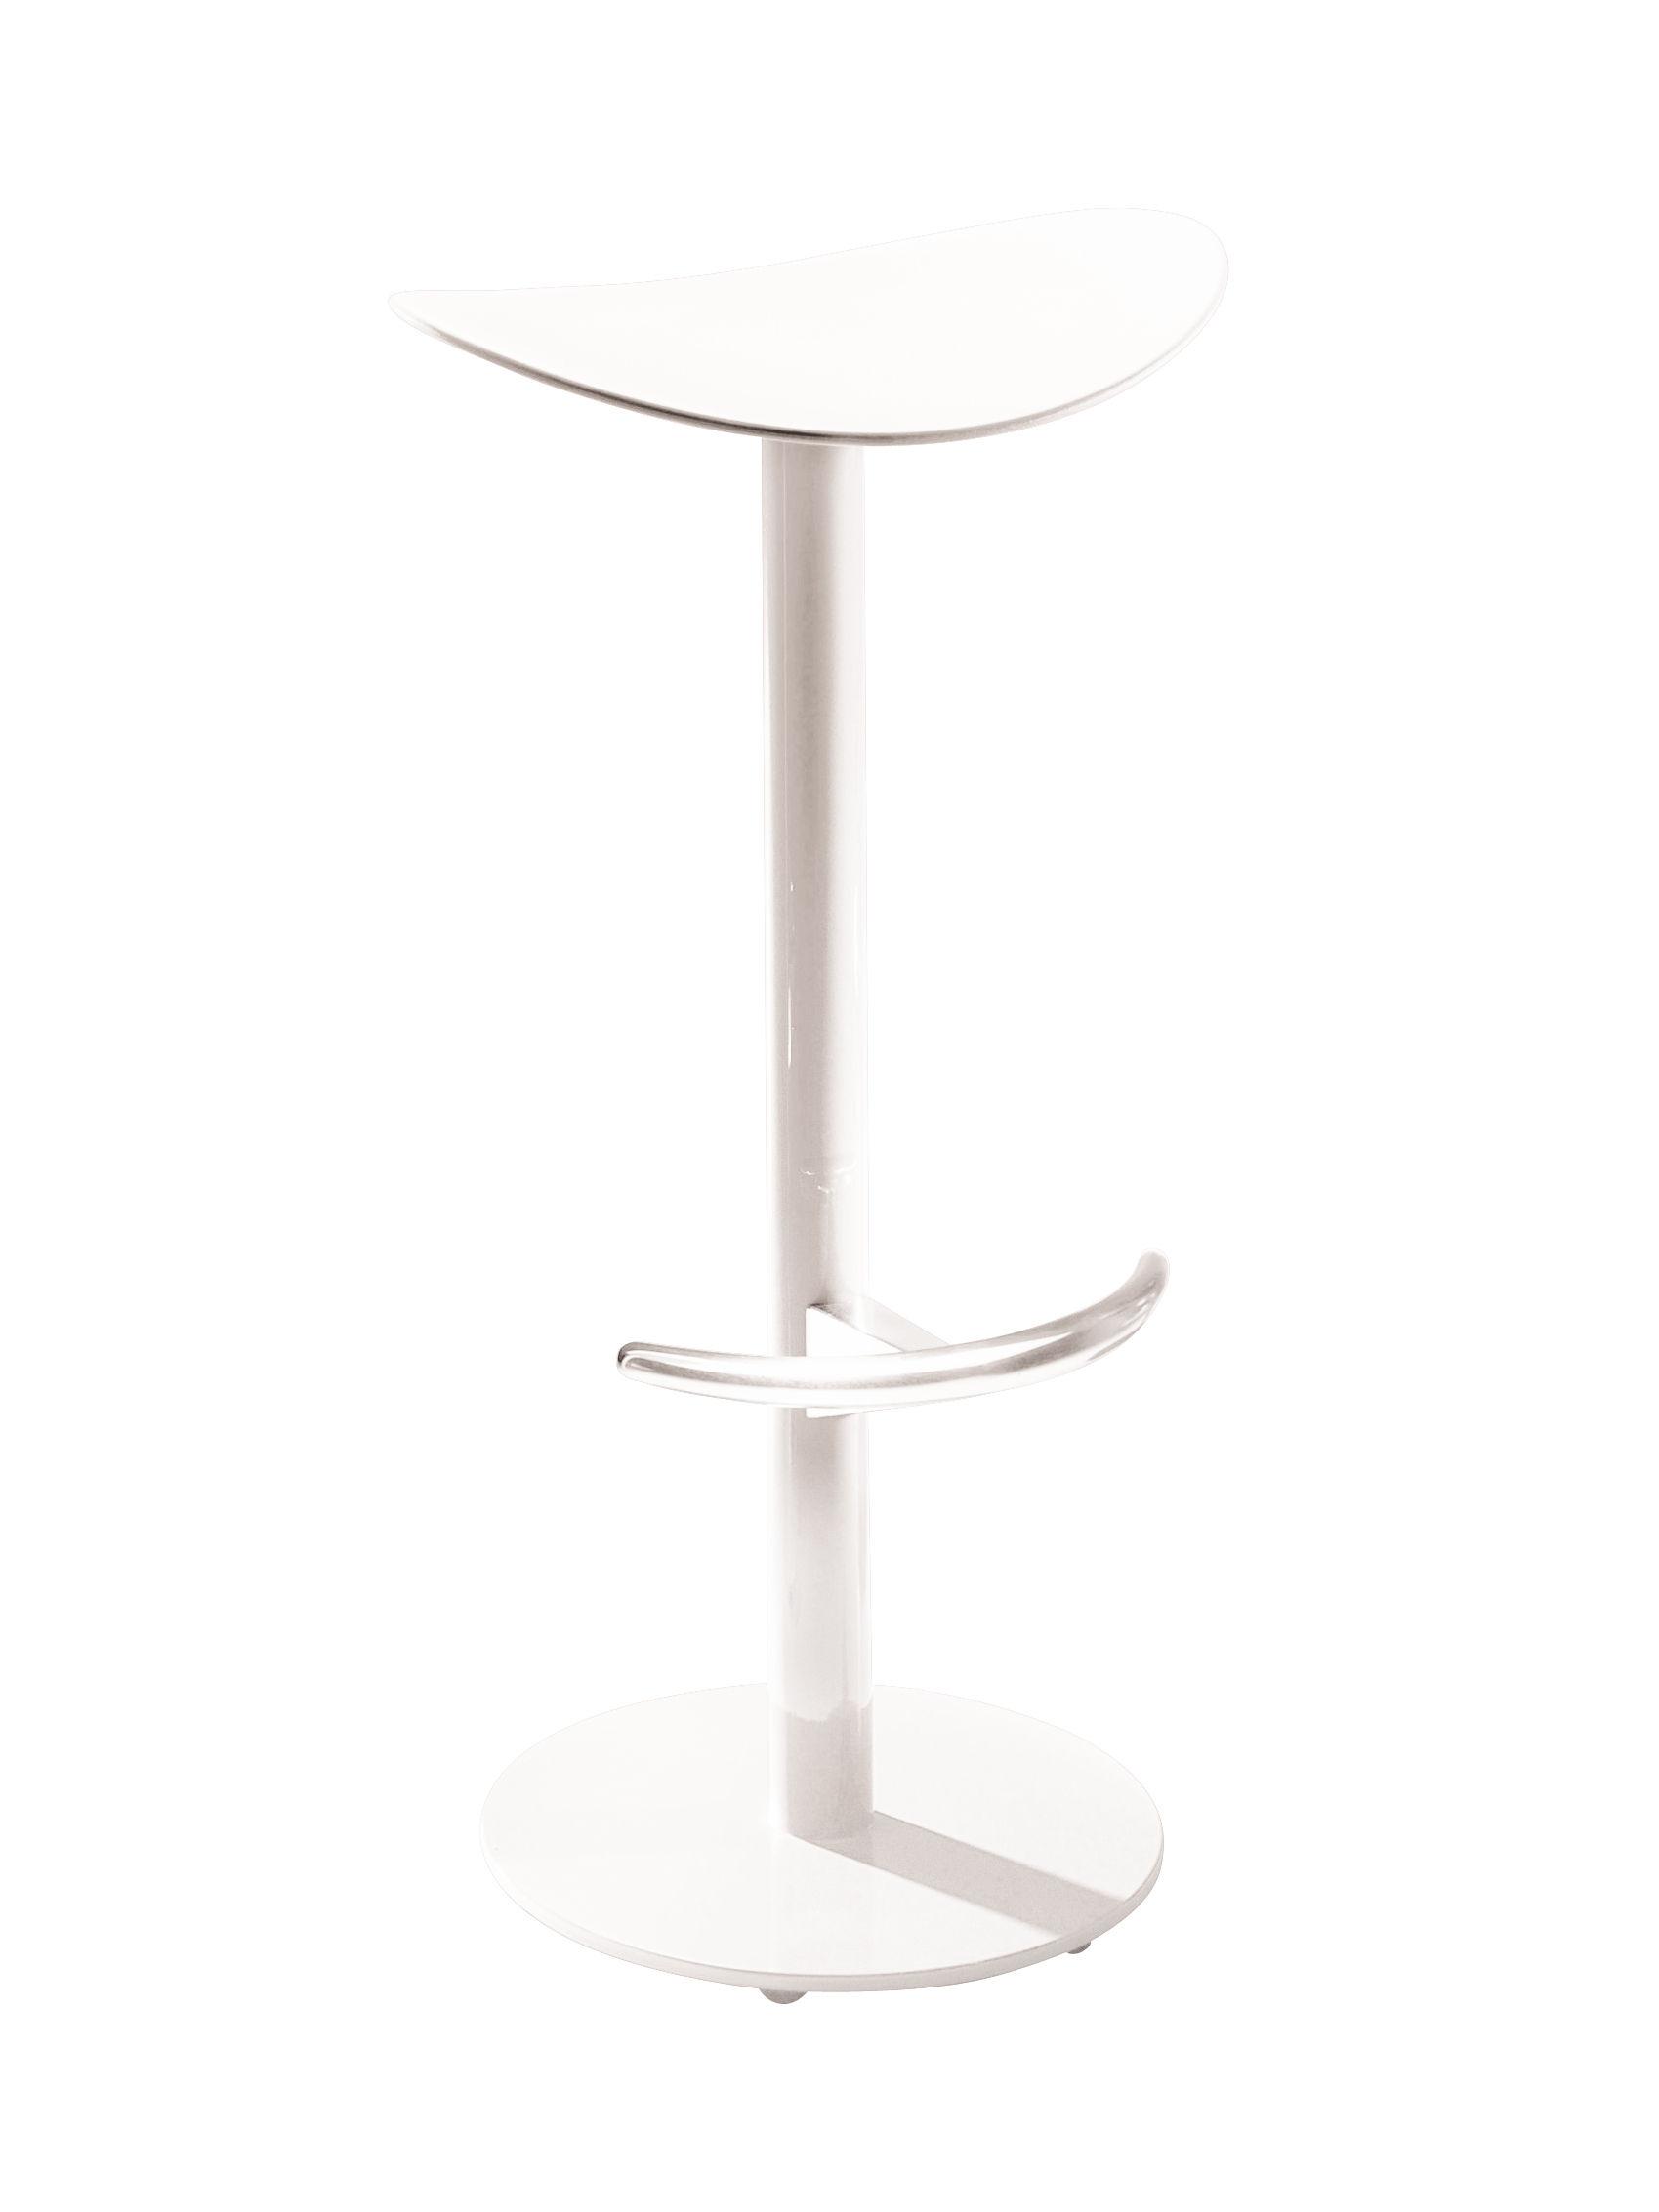 Mobilier - Tabourets de bar - Tabouret de bar Coma / H 65 cm - Plastique & métal - Enea - Blanc - Acier laqué, Polypropylène